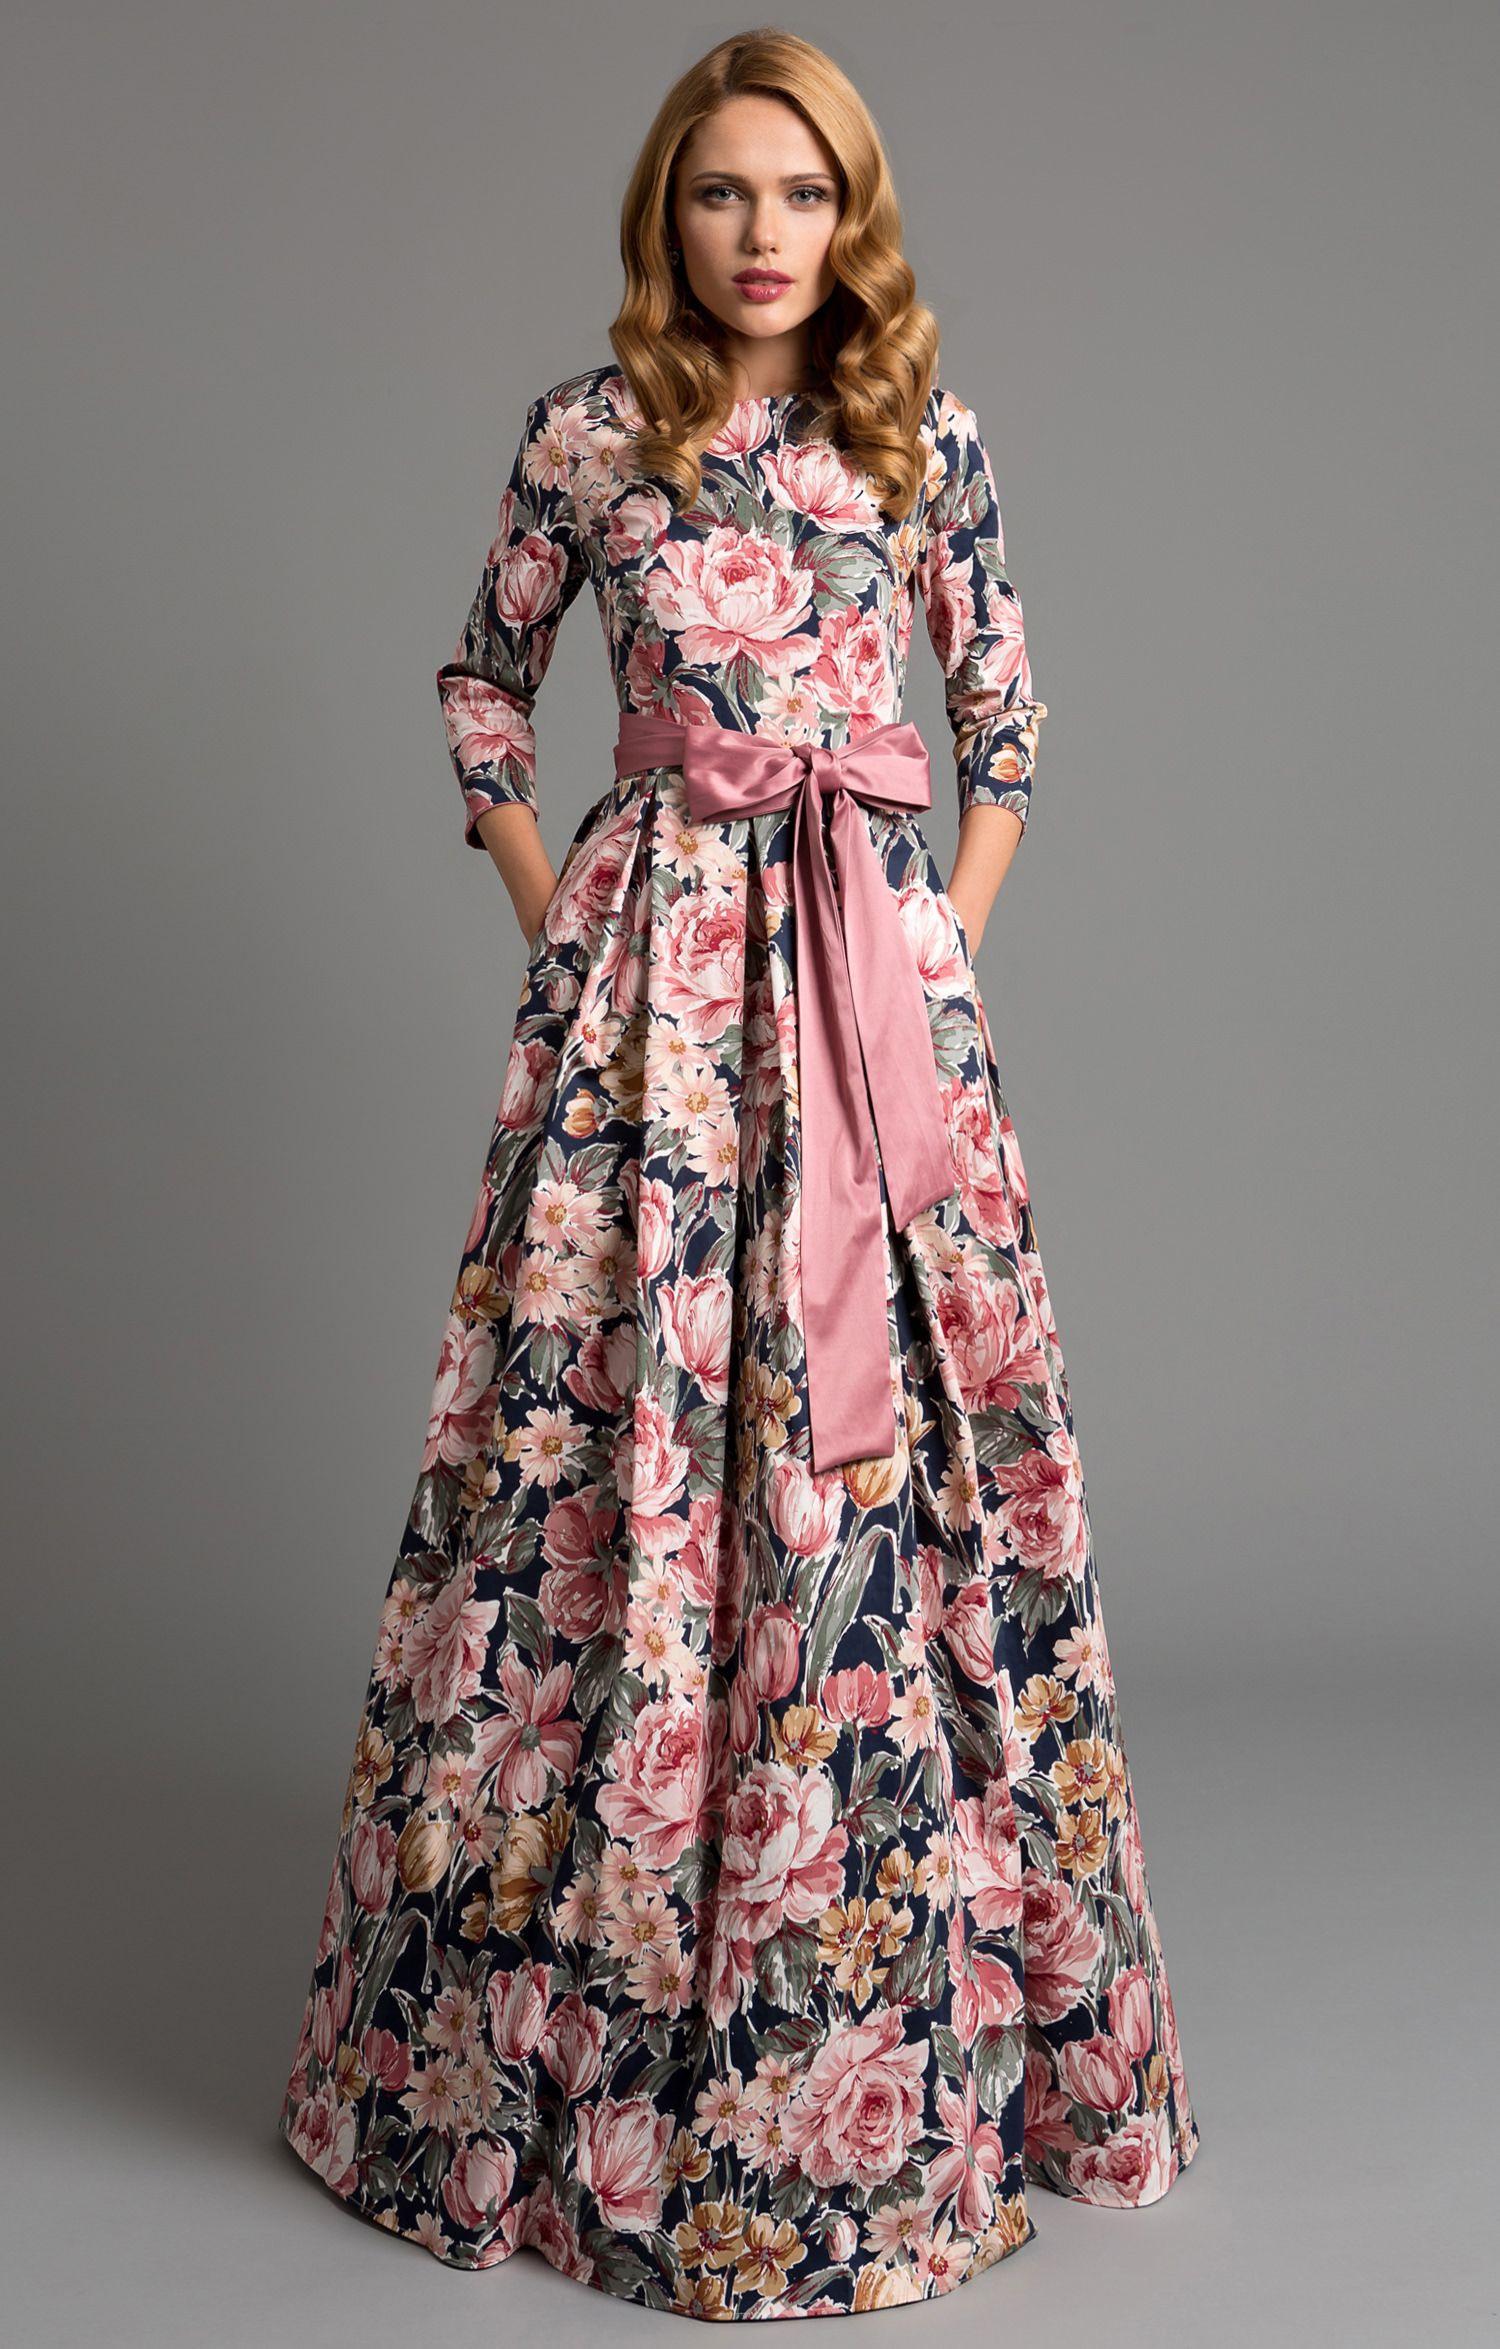 20 Luxurius Abendkleid Blumen Ärmel17 Wunderbar Abendkleid Blumen Vertrieb